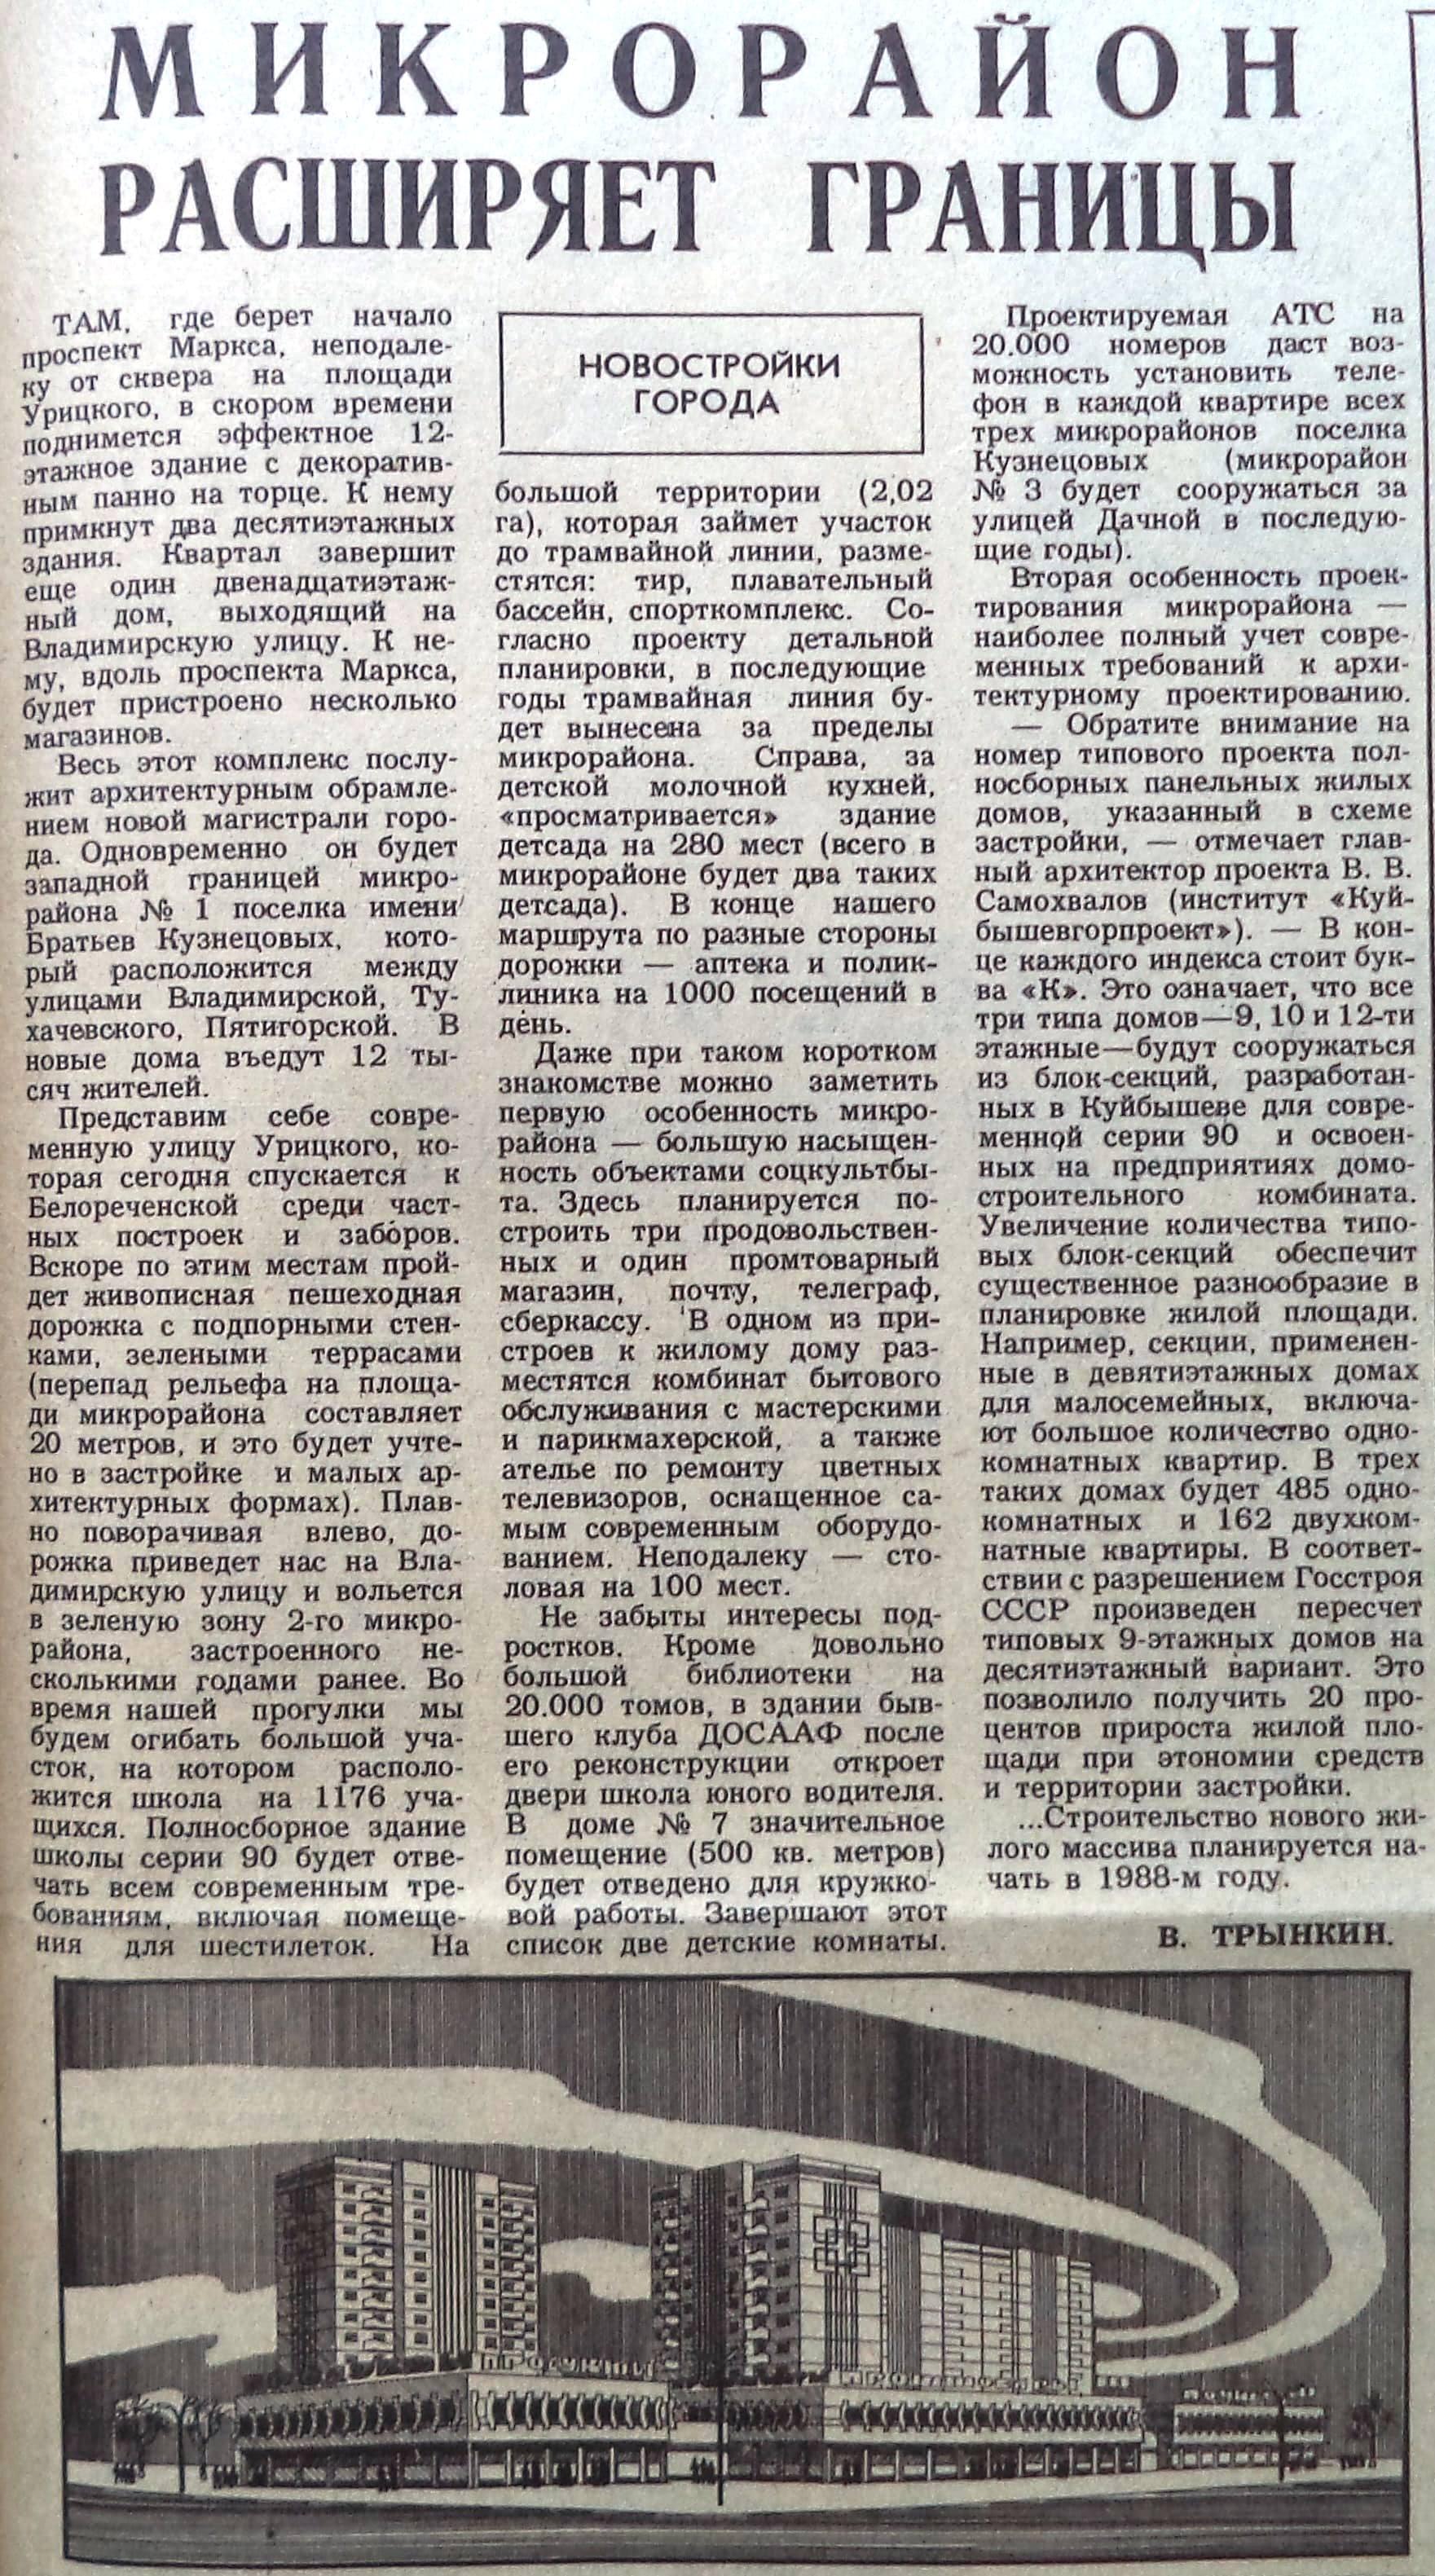 Урицкого-ФОТО-68-ВЗя-1987-05-12-про мкр. на Урицкой-min